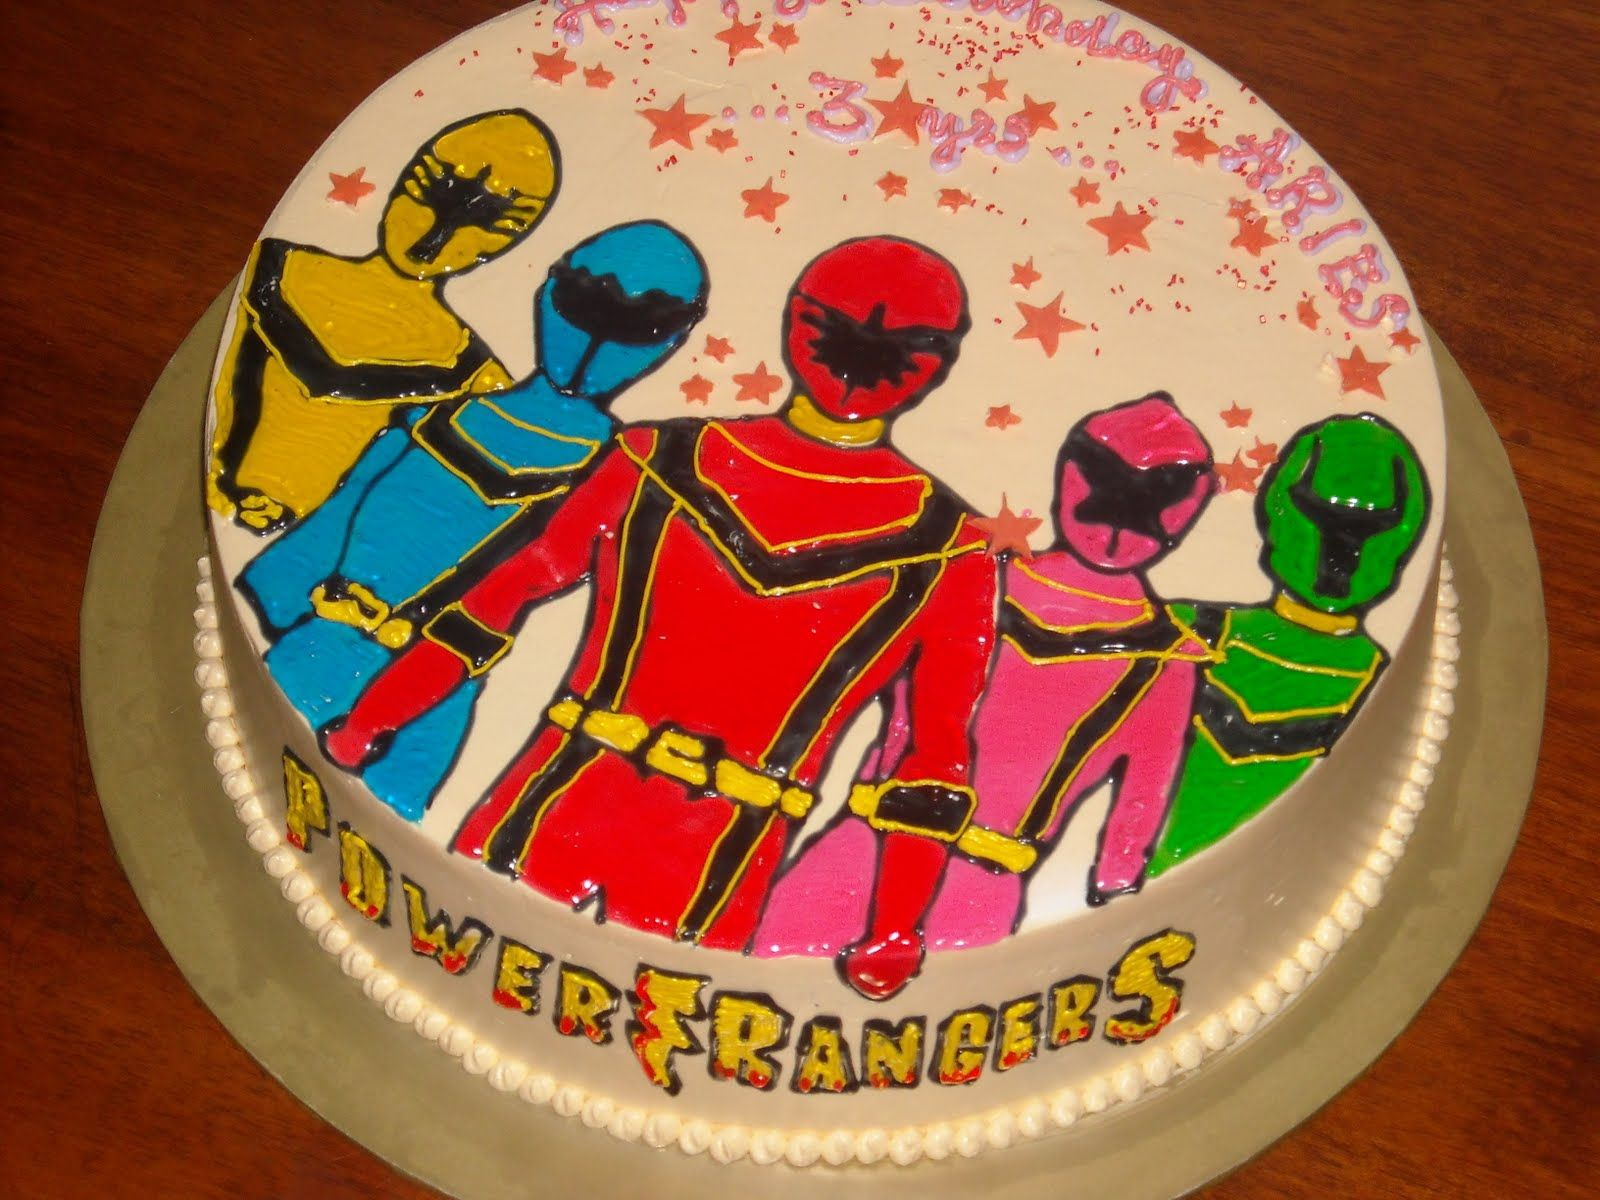 Power Rangers Bedroom Decor Power Ranger Cake Birthday Cakes Pinterest Power Ranger Cake